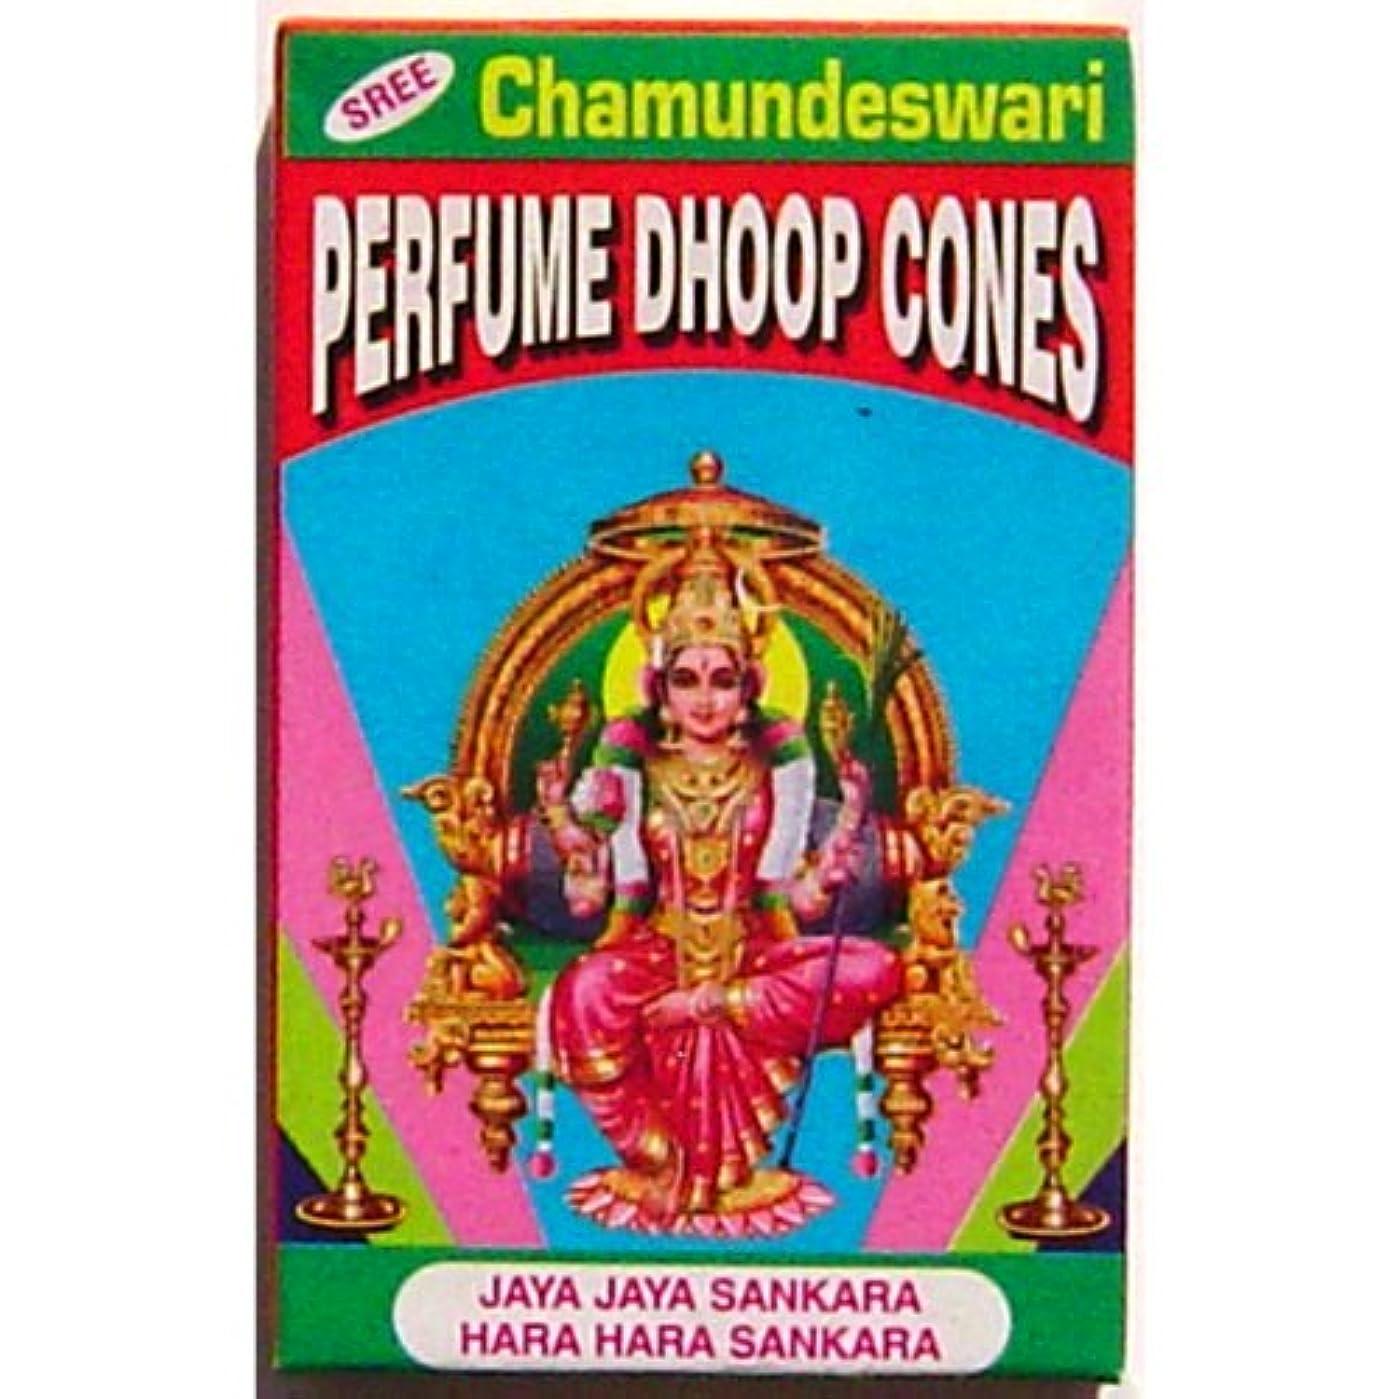 計算可能涙が出るれるVedavyasa Dhoop Cones – Sree Chamundeswari – 10 perボックス